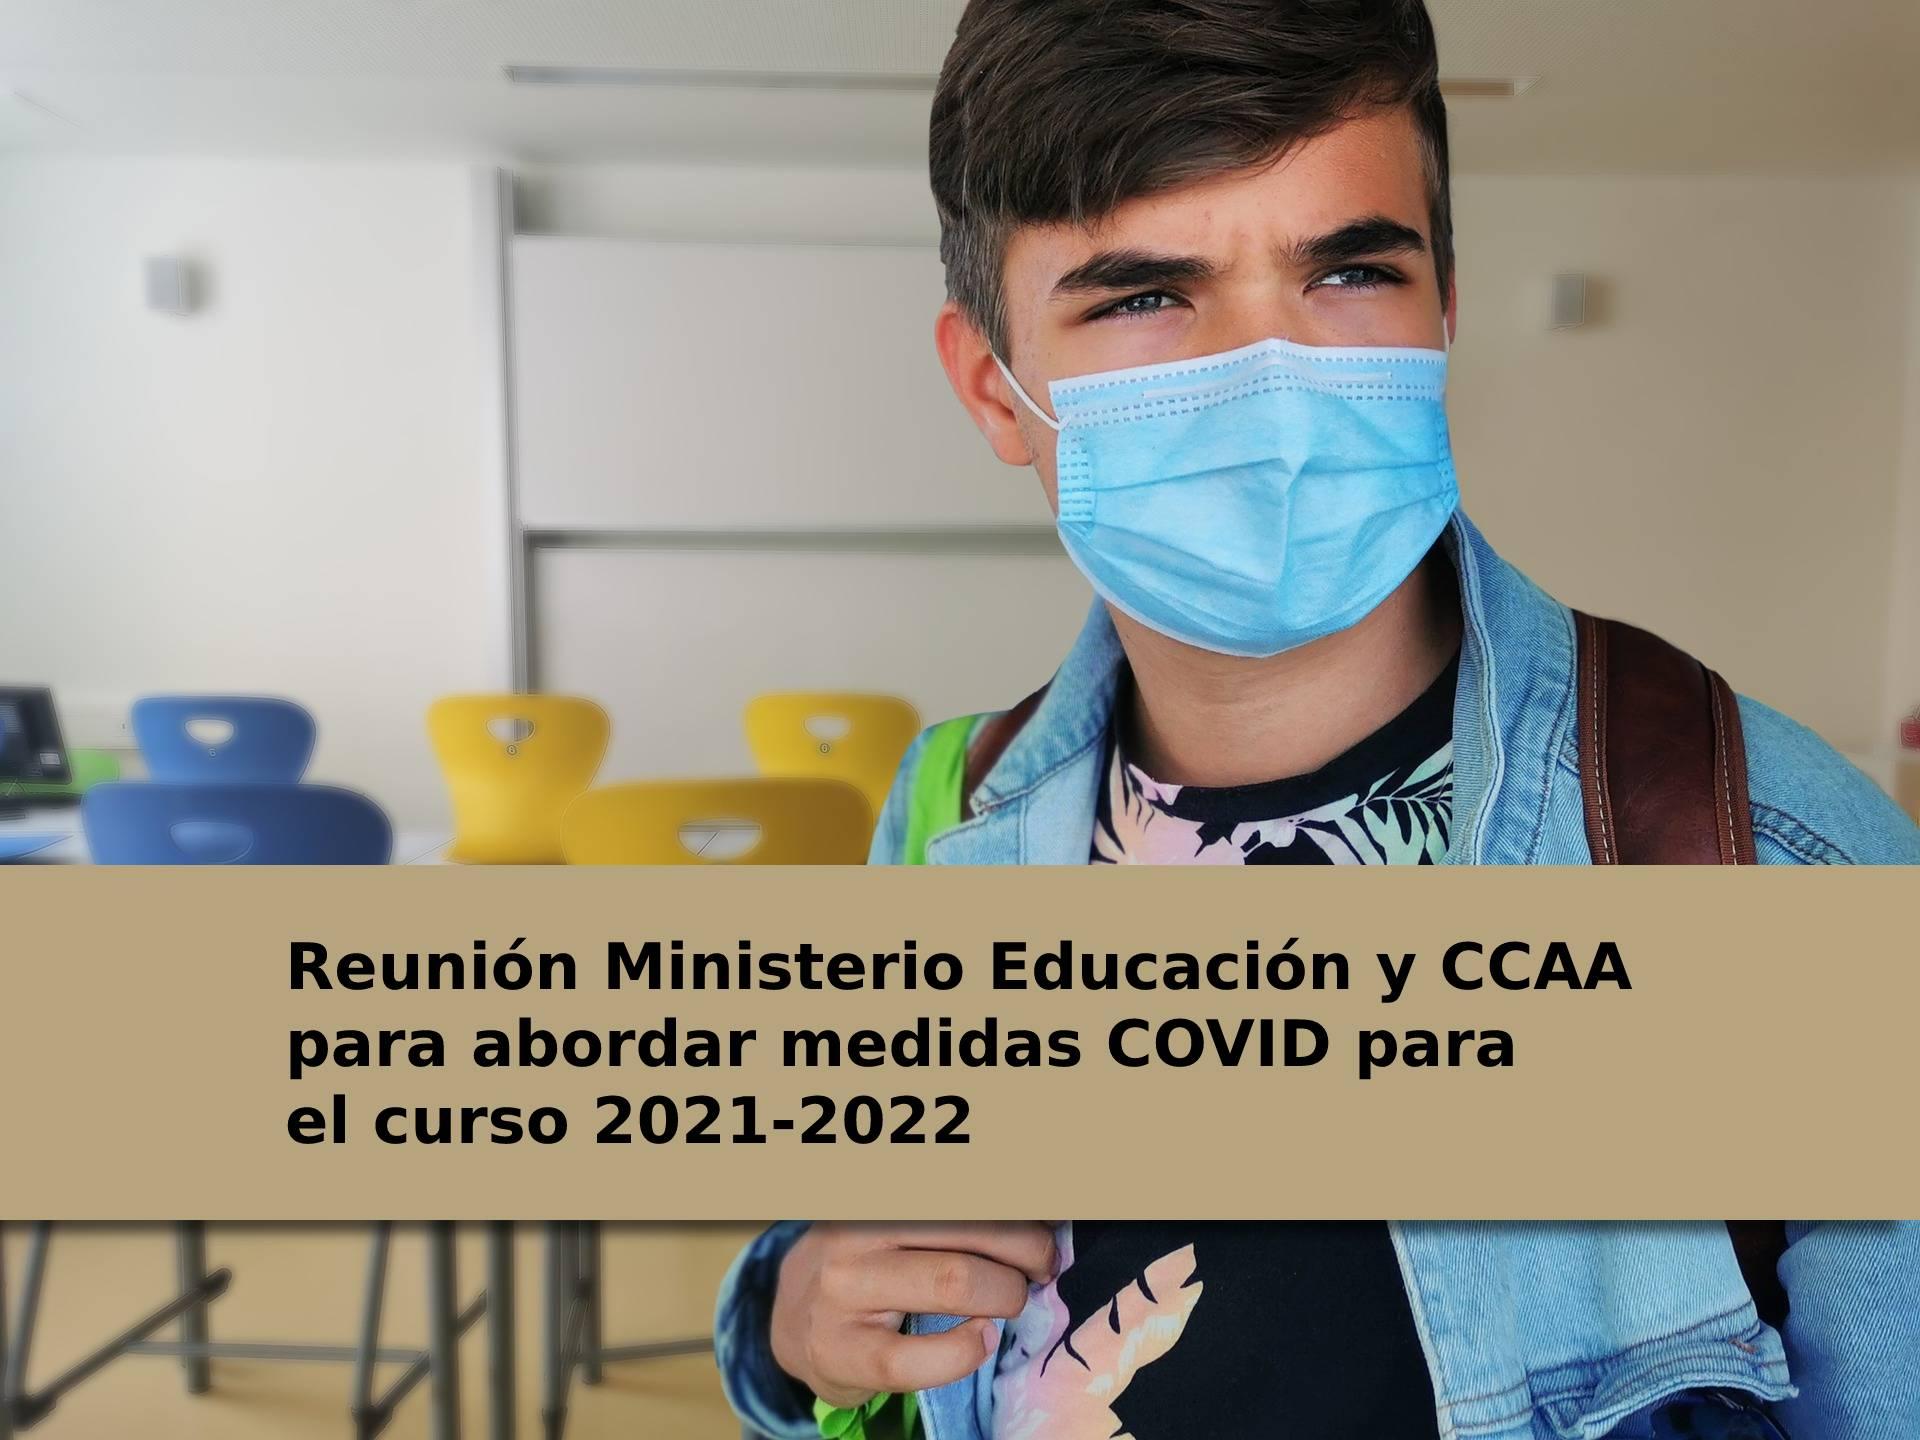 Prevista reunión de la ministra Alegría con las CCAA para abordar el inicio escolar 21-22 y las medidas COVID